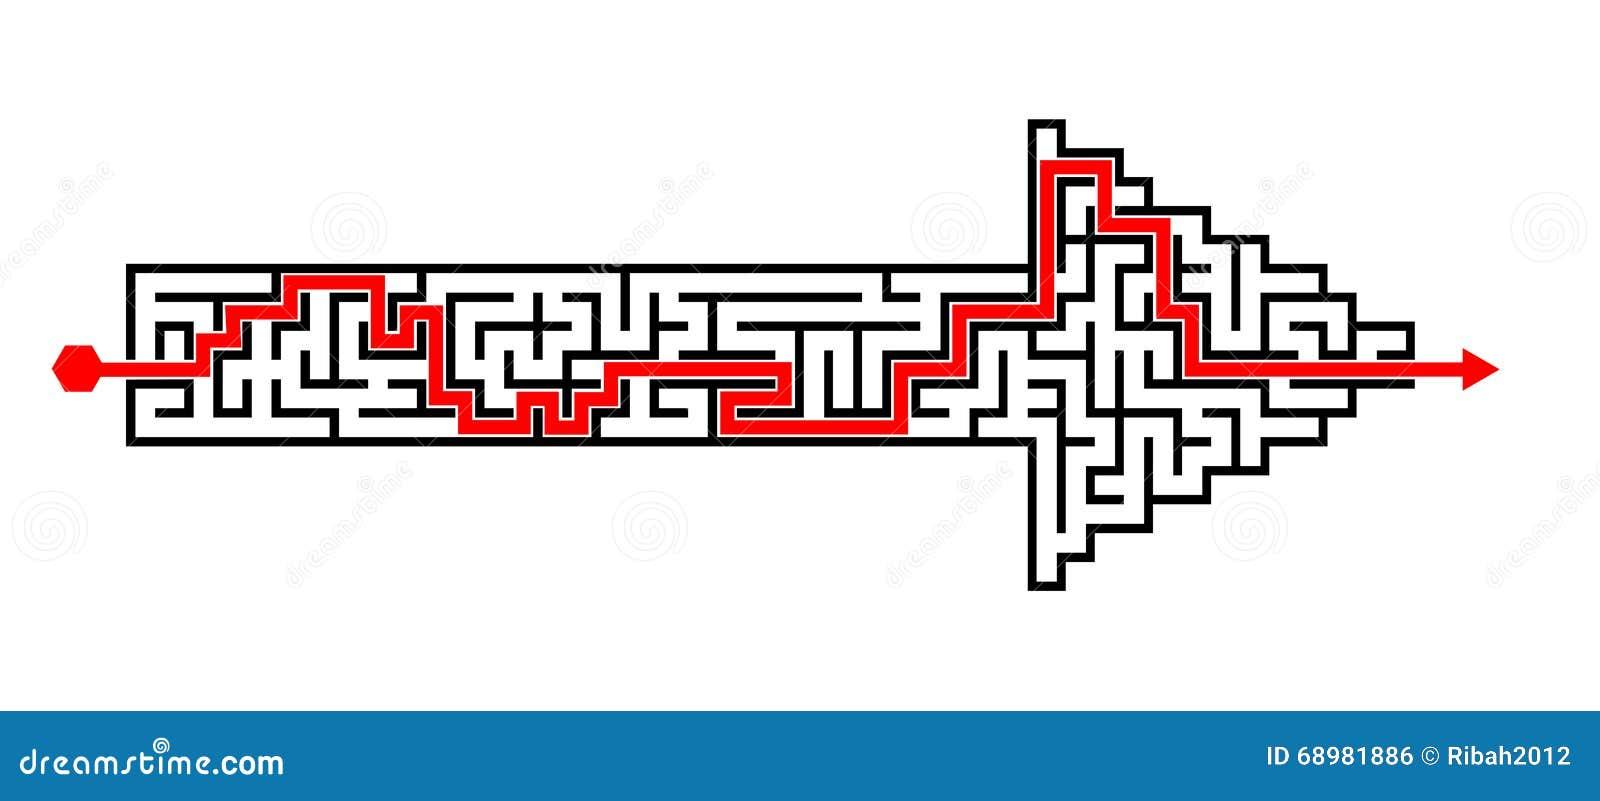 Rompecabezas solucionado forma del laberinto de la flecha